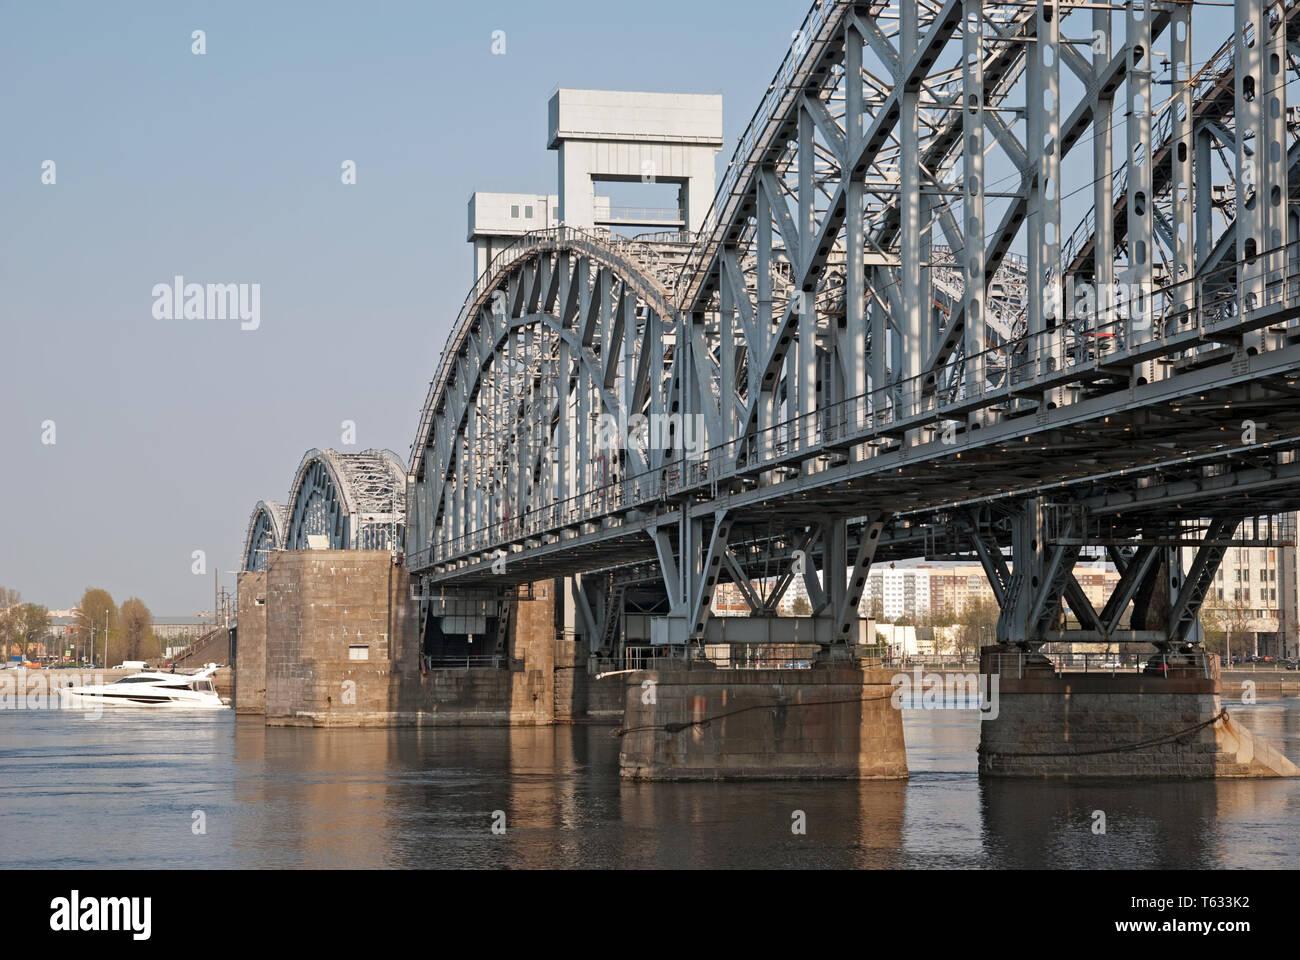 - San Pietroburgo, Russia - 26 Aprile 2019: la piccola barca bianca sul fiume Neva nei pressi della Finlandia Raiway ponte di San Pietroburgo Foto Stock